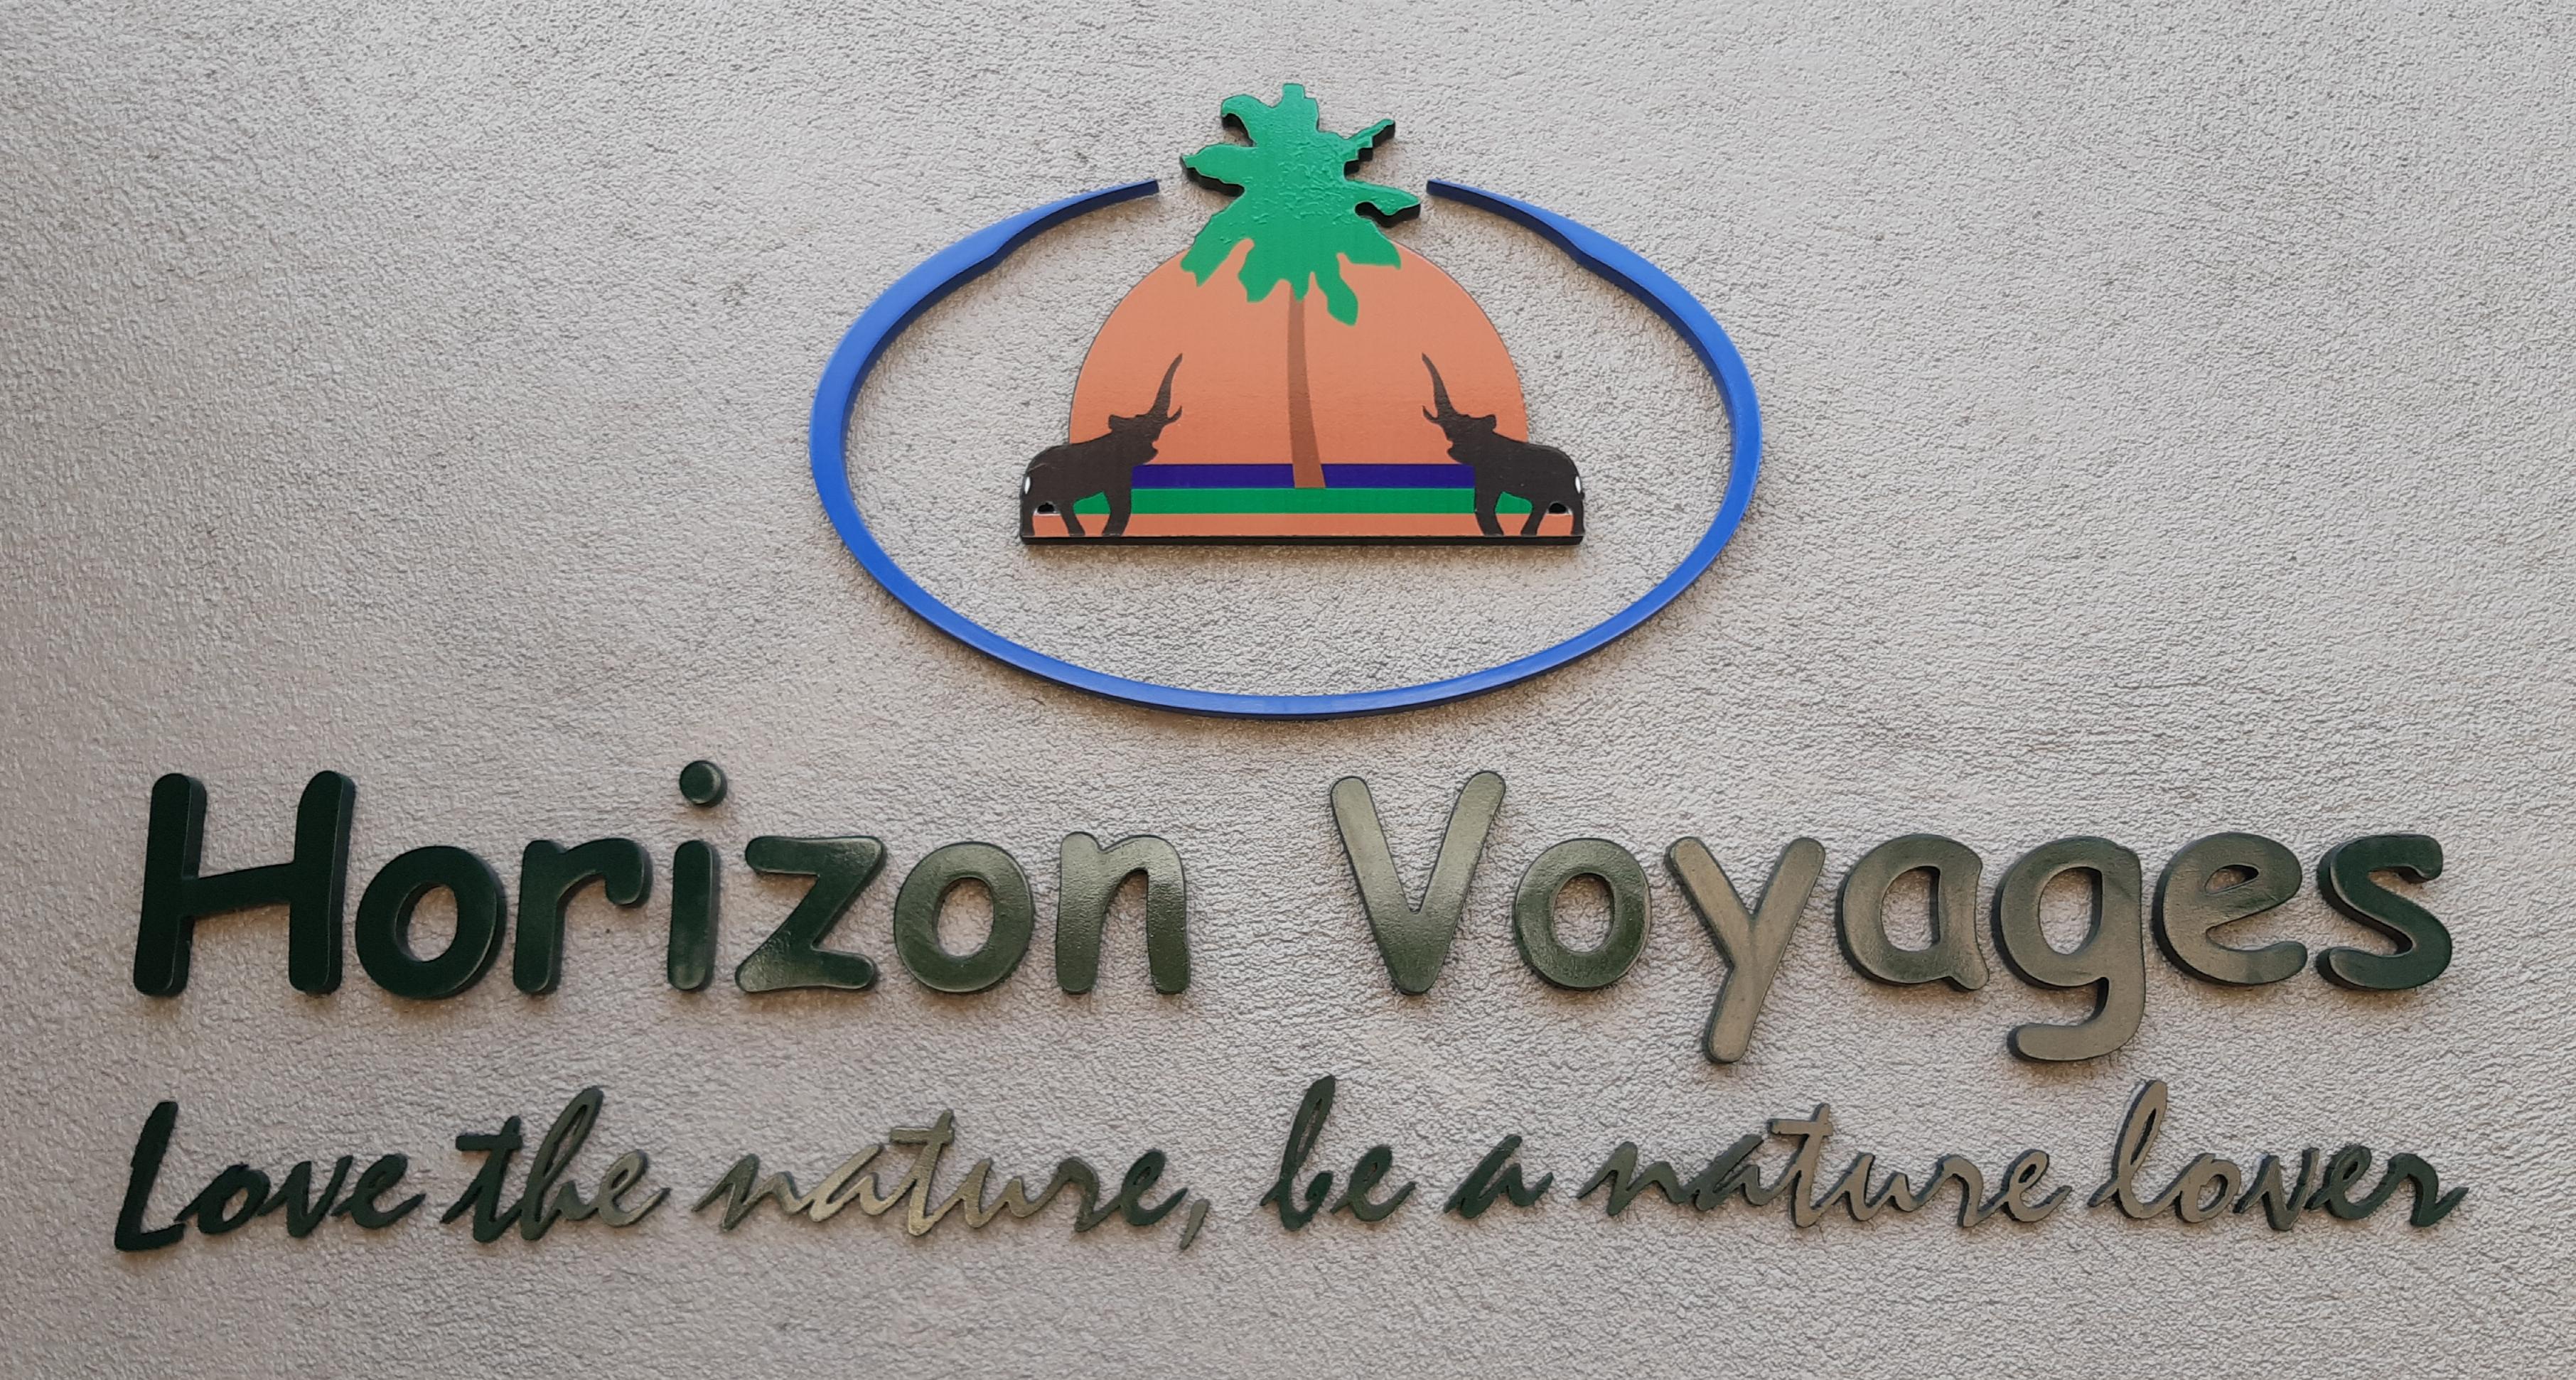 Horizon Voyages